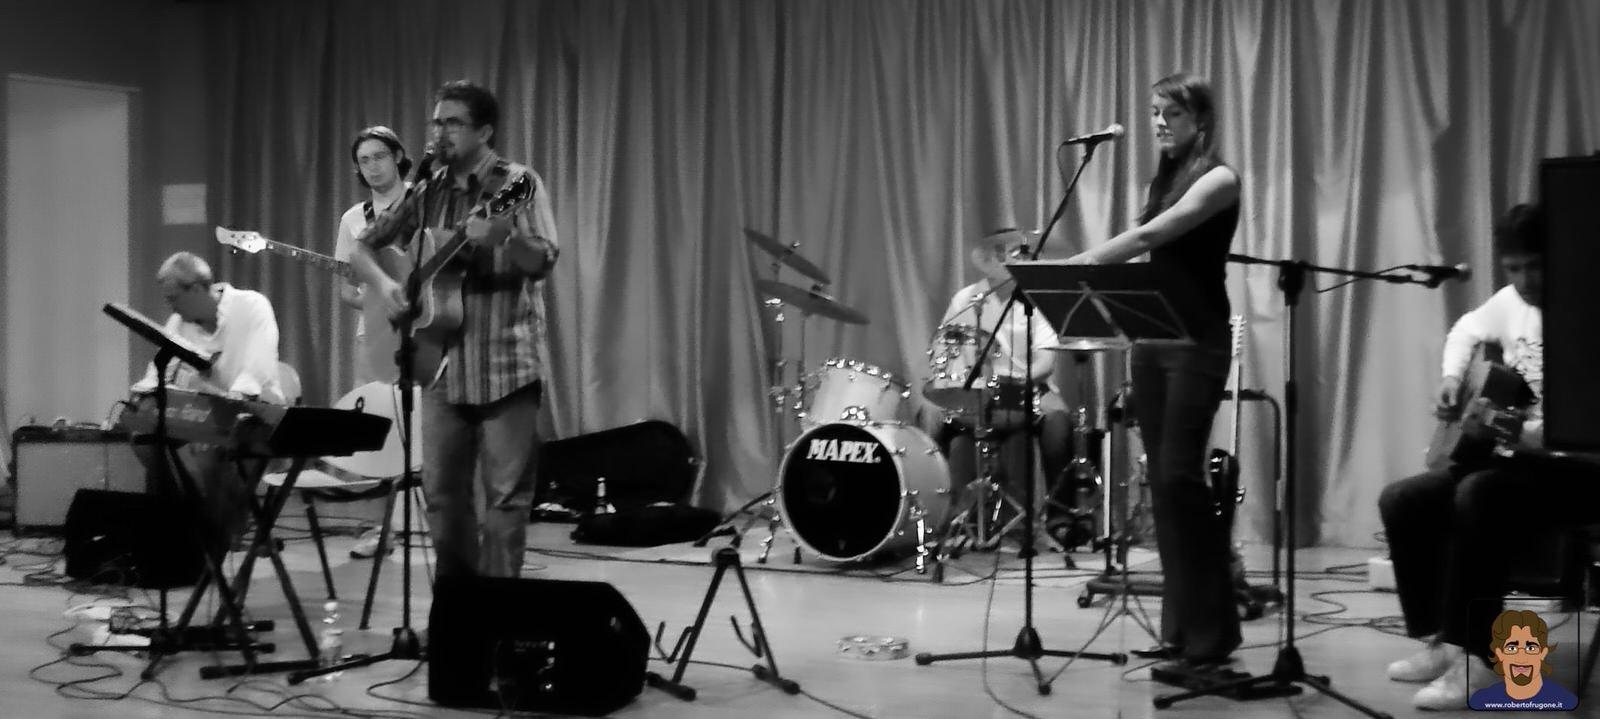 Roberto Frugone Band cantautore live concerto Sestri Levante Lavagnina